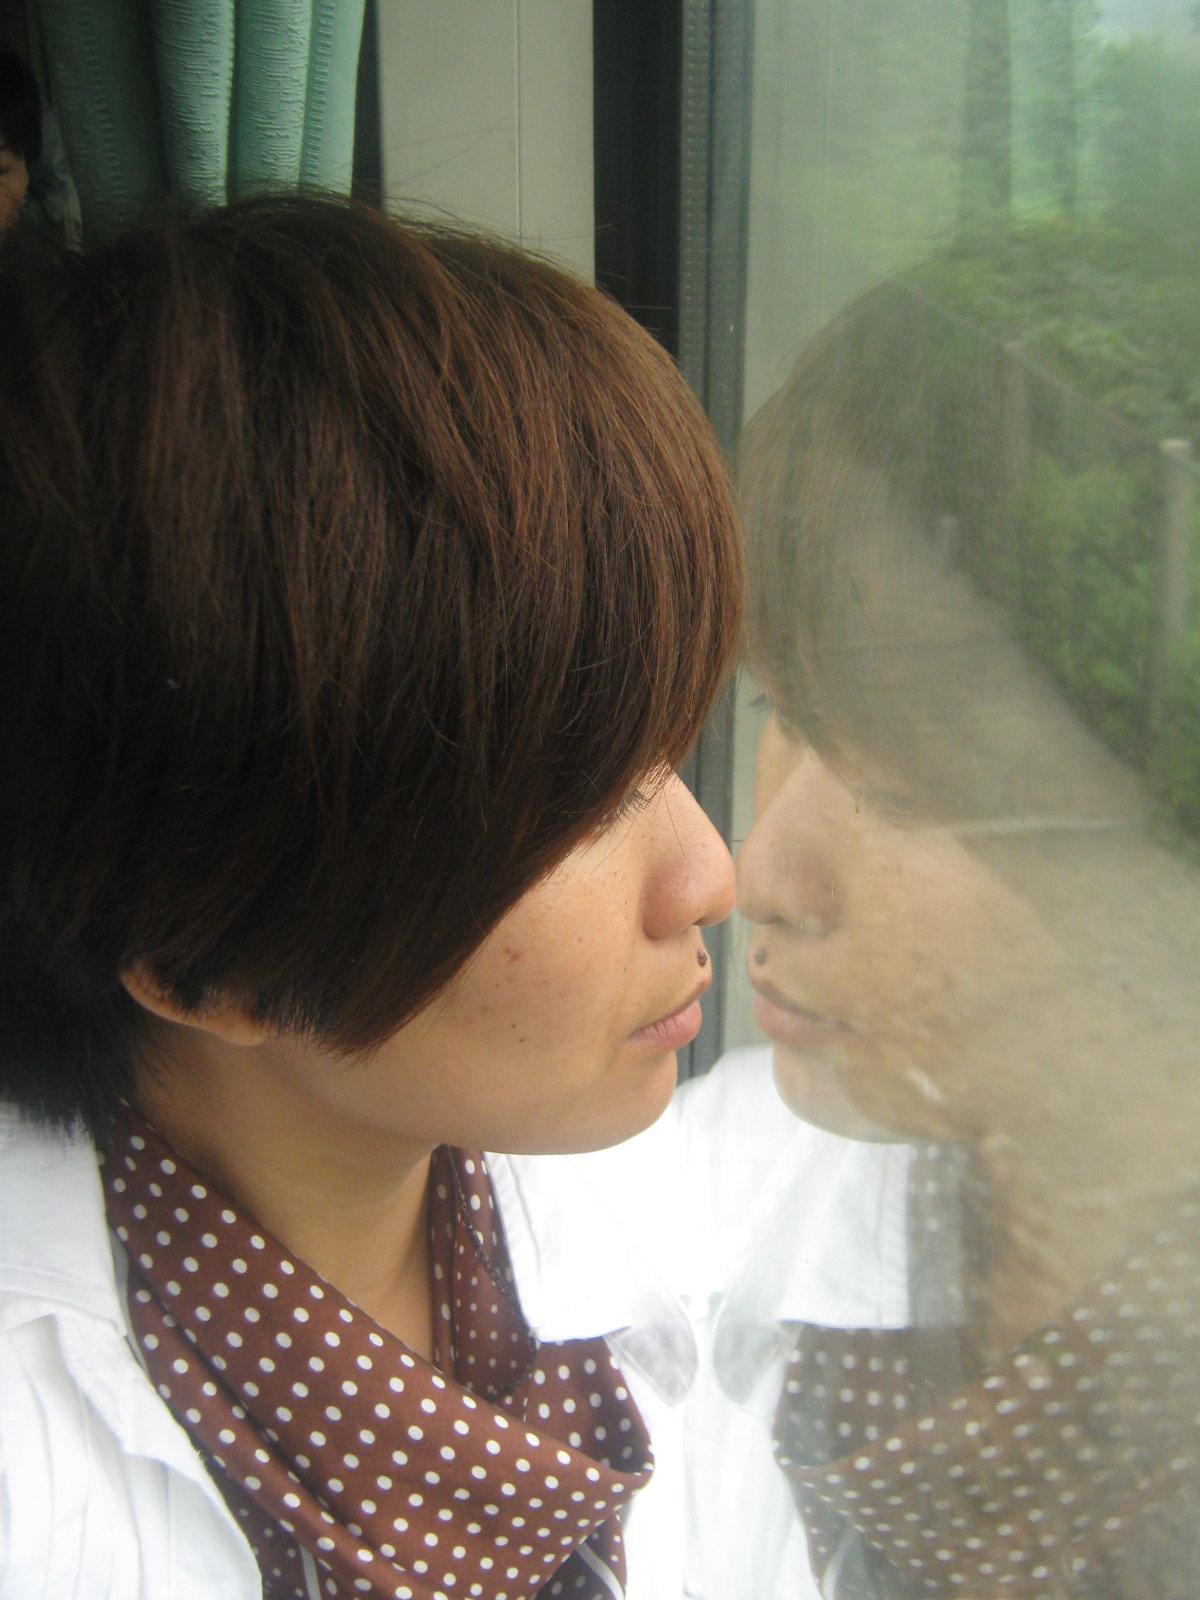 这张是我在火车上看风景